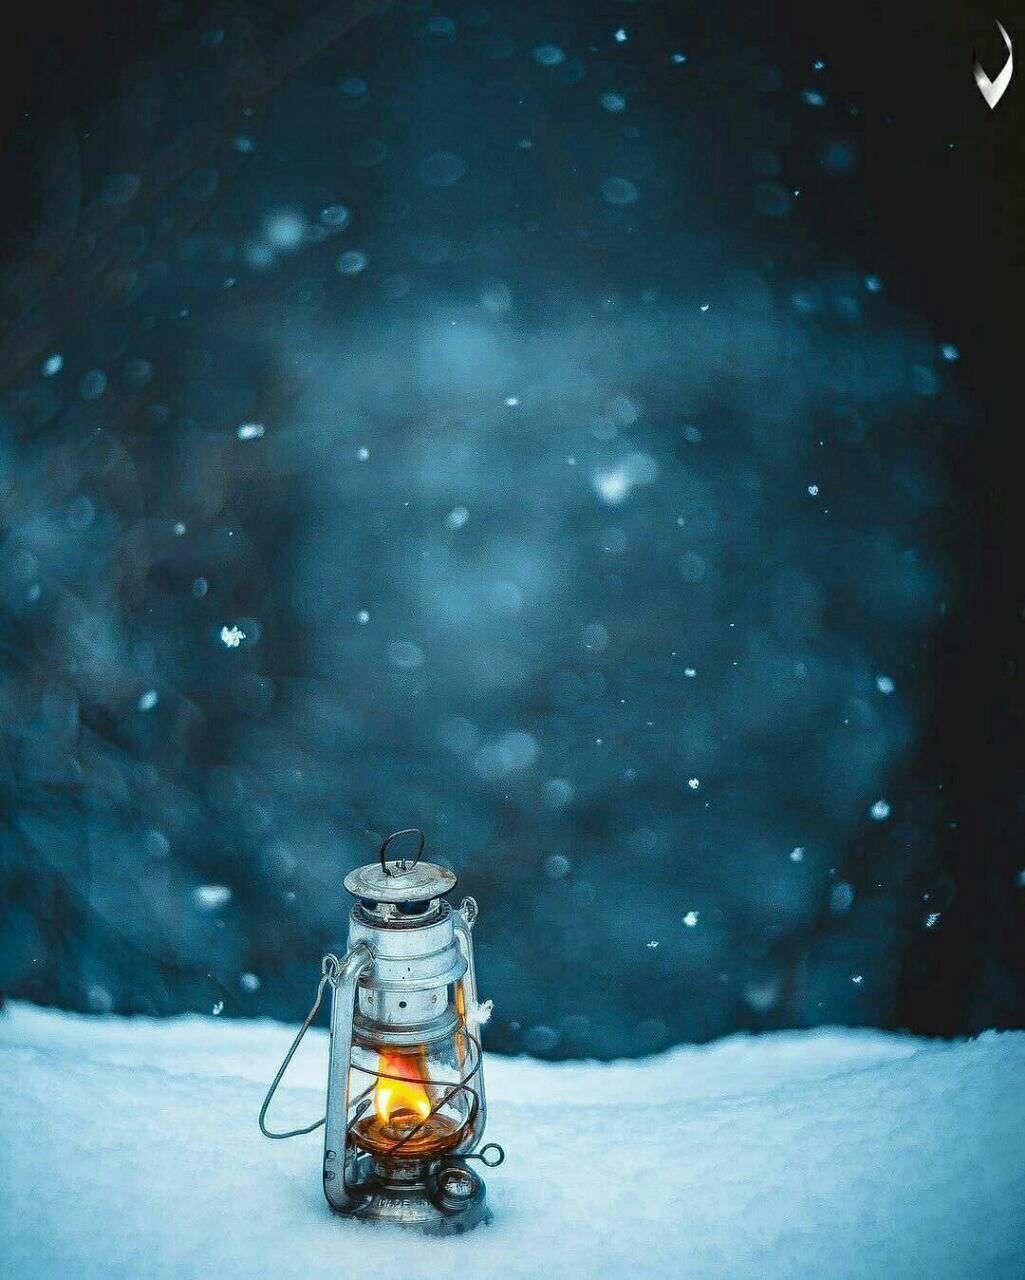 فانوسی در برف